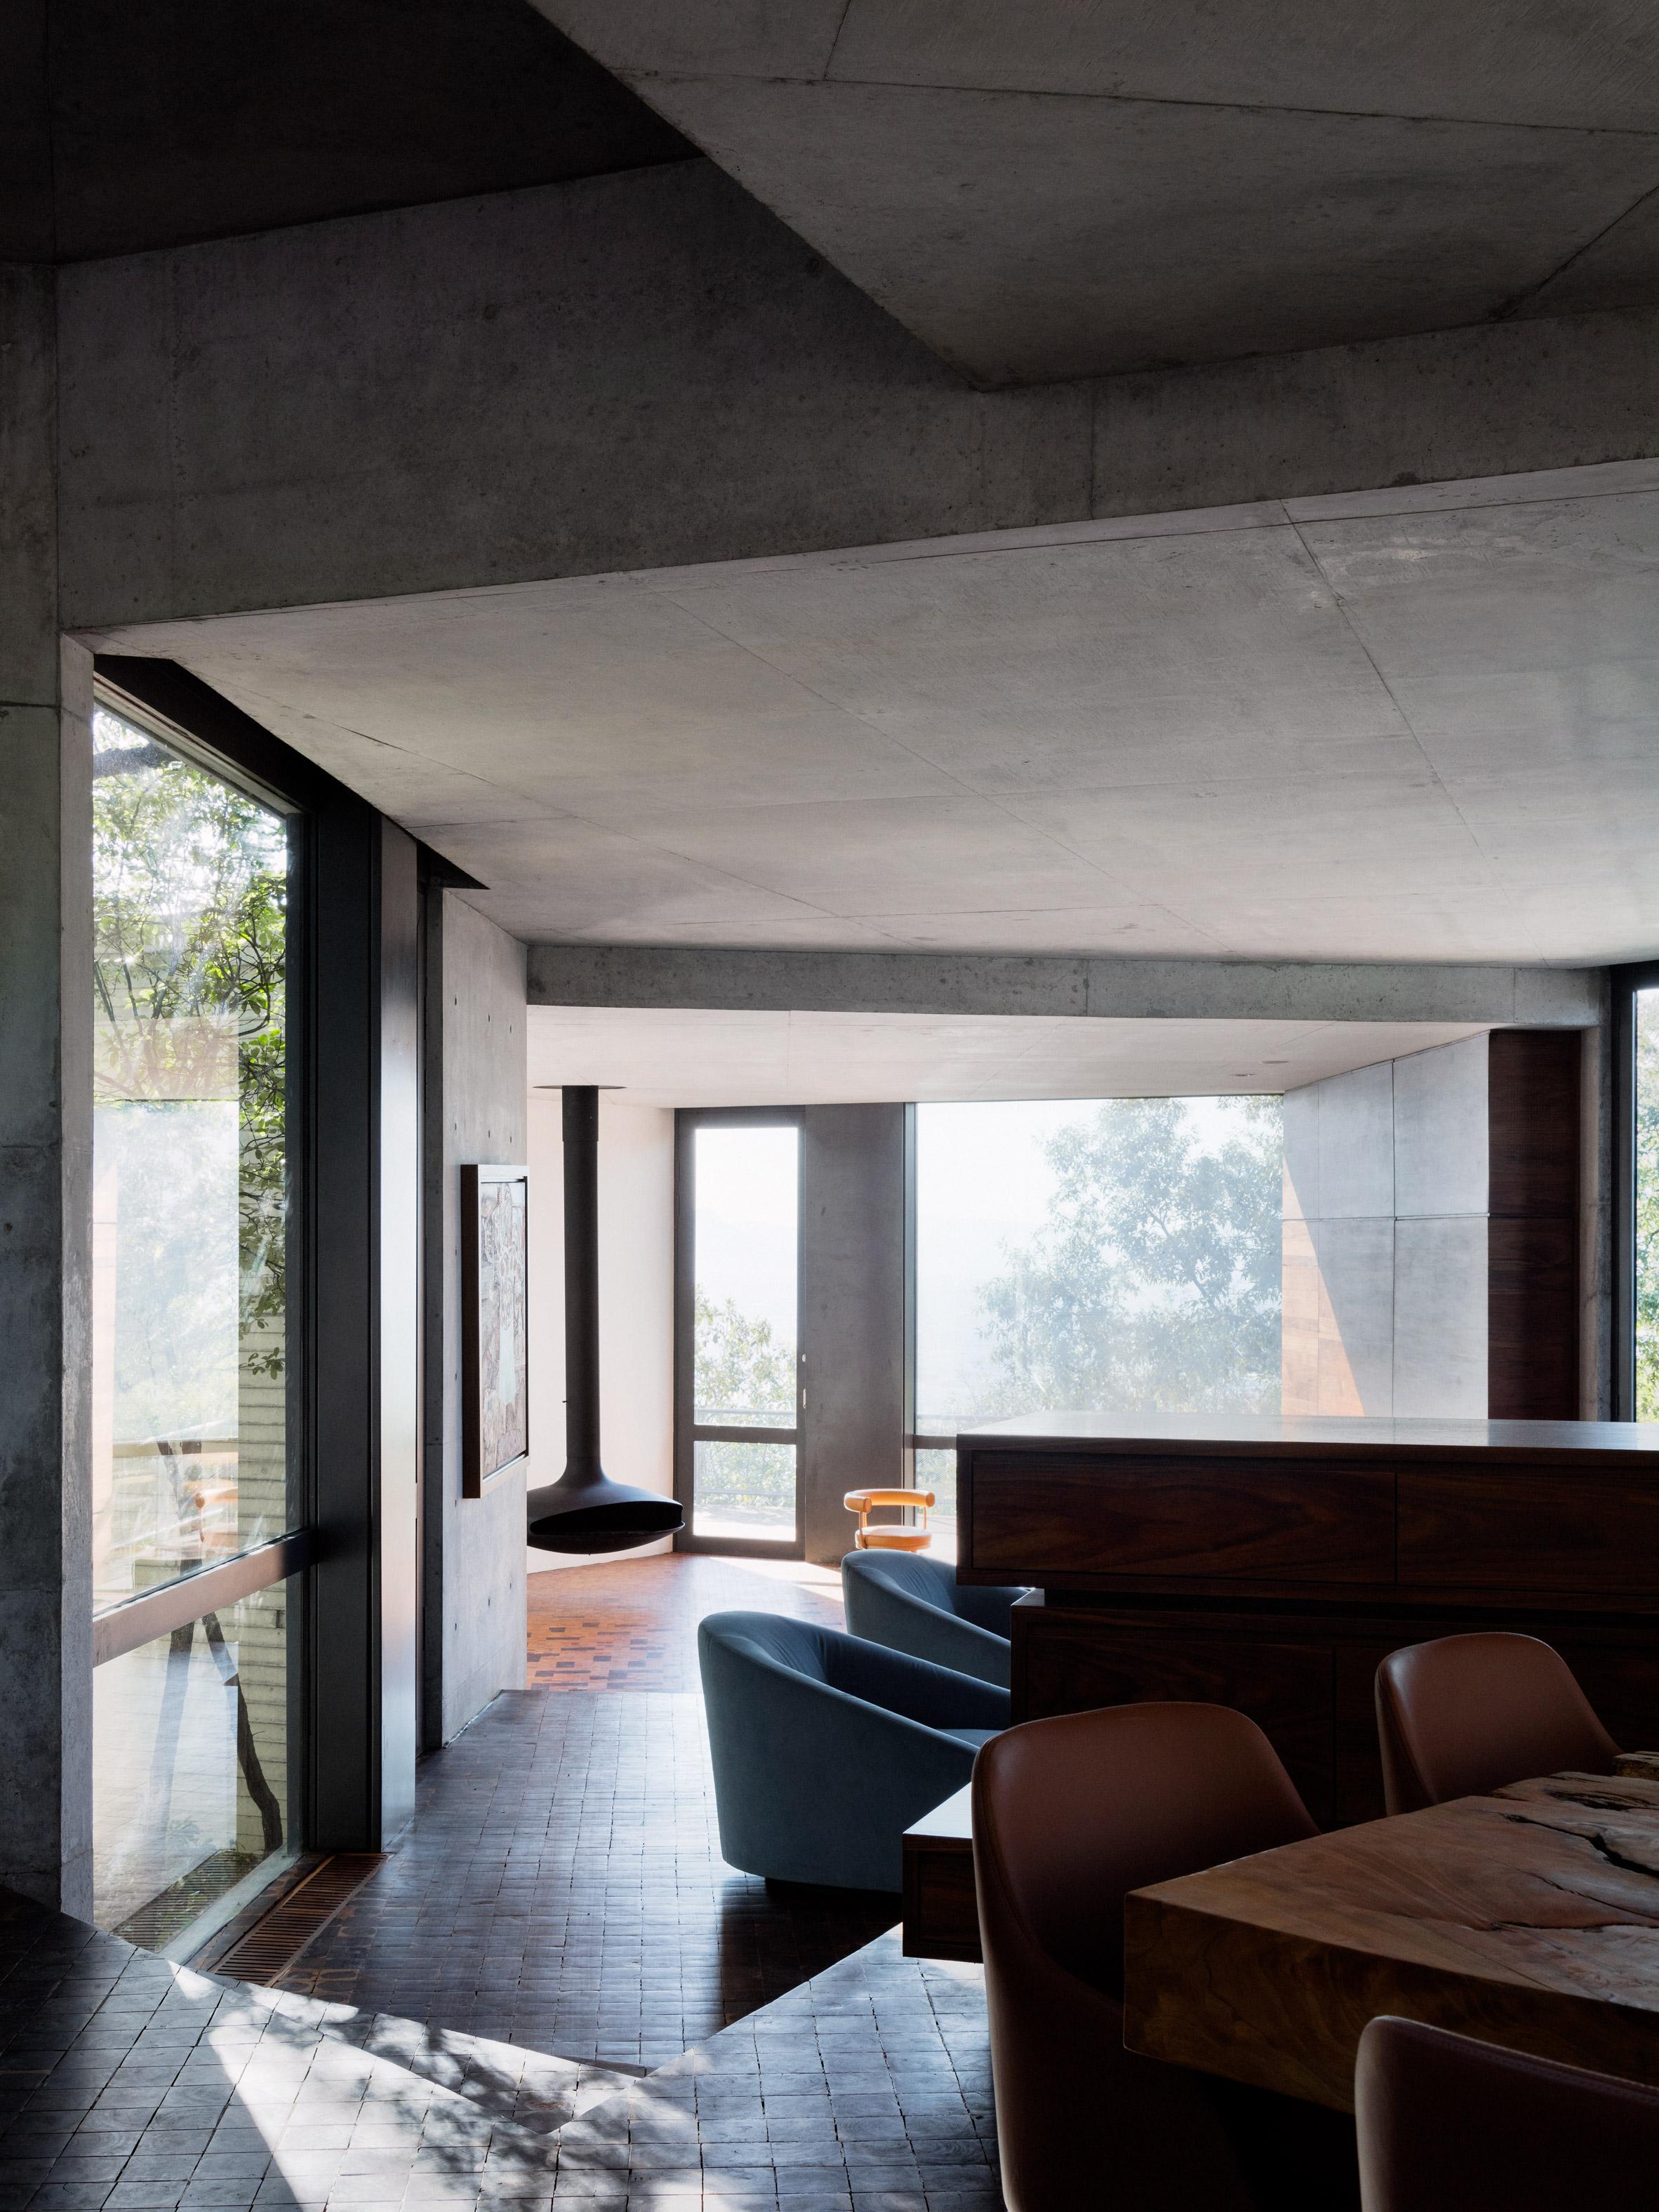 Tatiana Bilbao's Ventura House